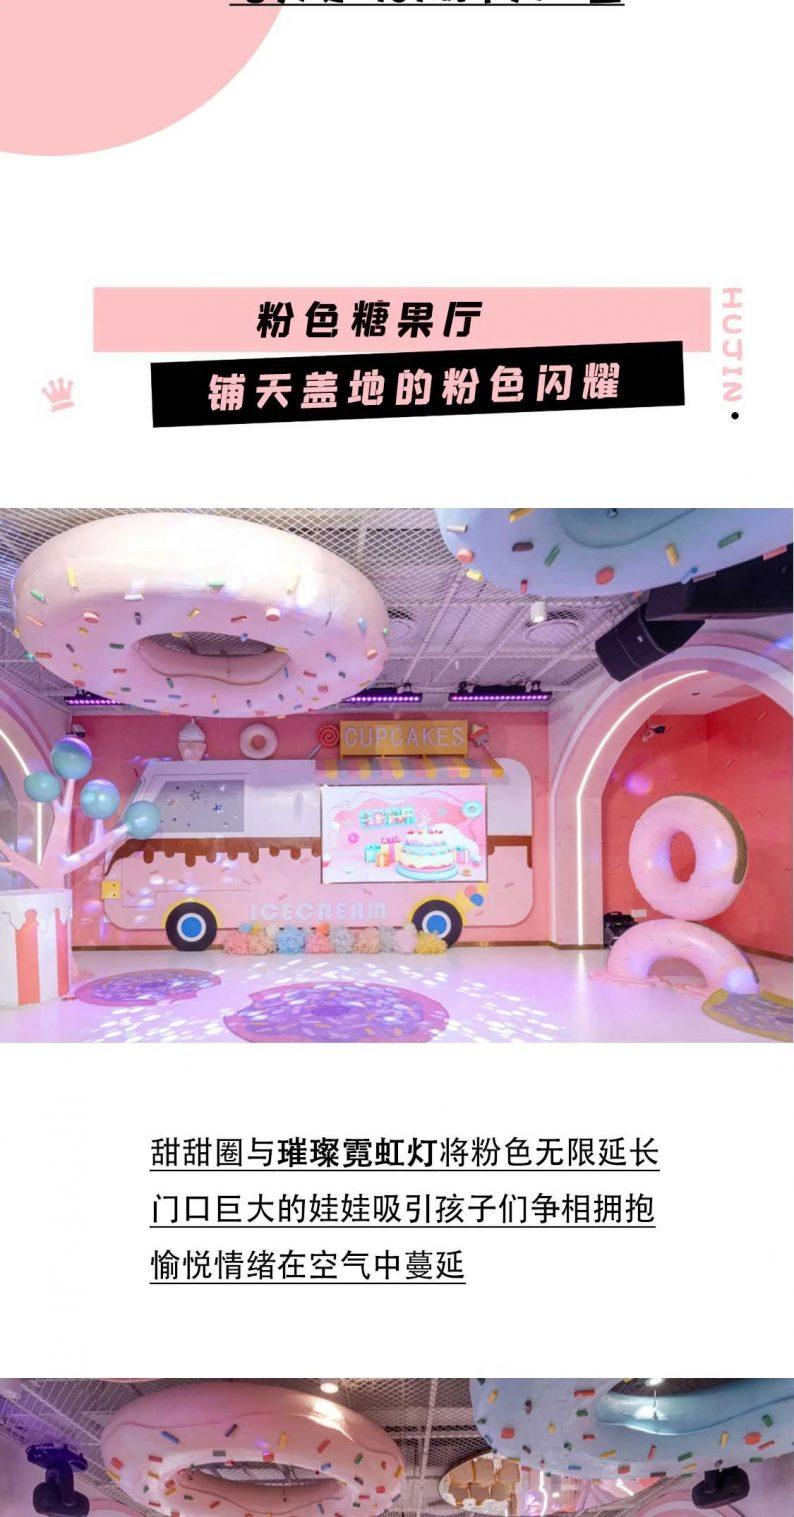 婚礼堂发布:湖锦酒楼,打造四大童话主题亲子宴会厅  第4张